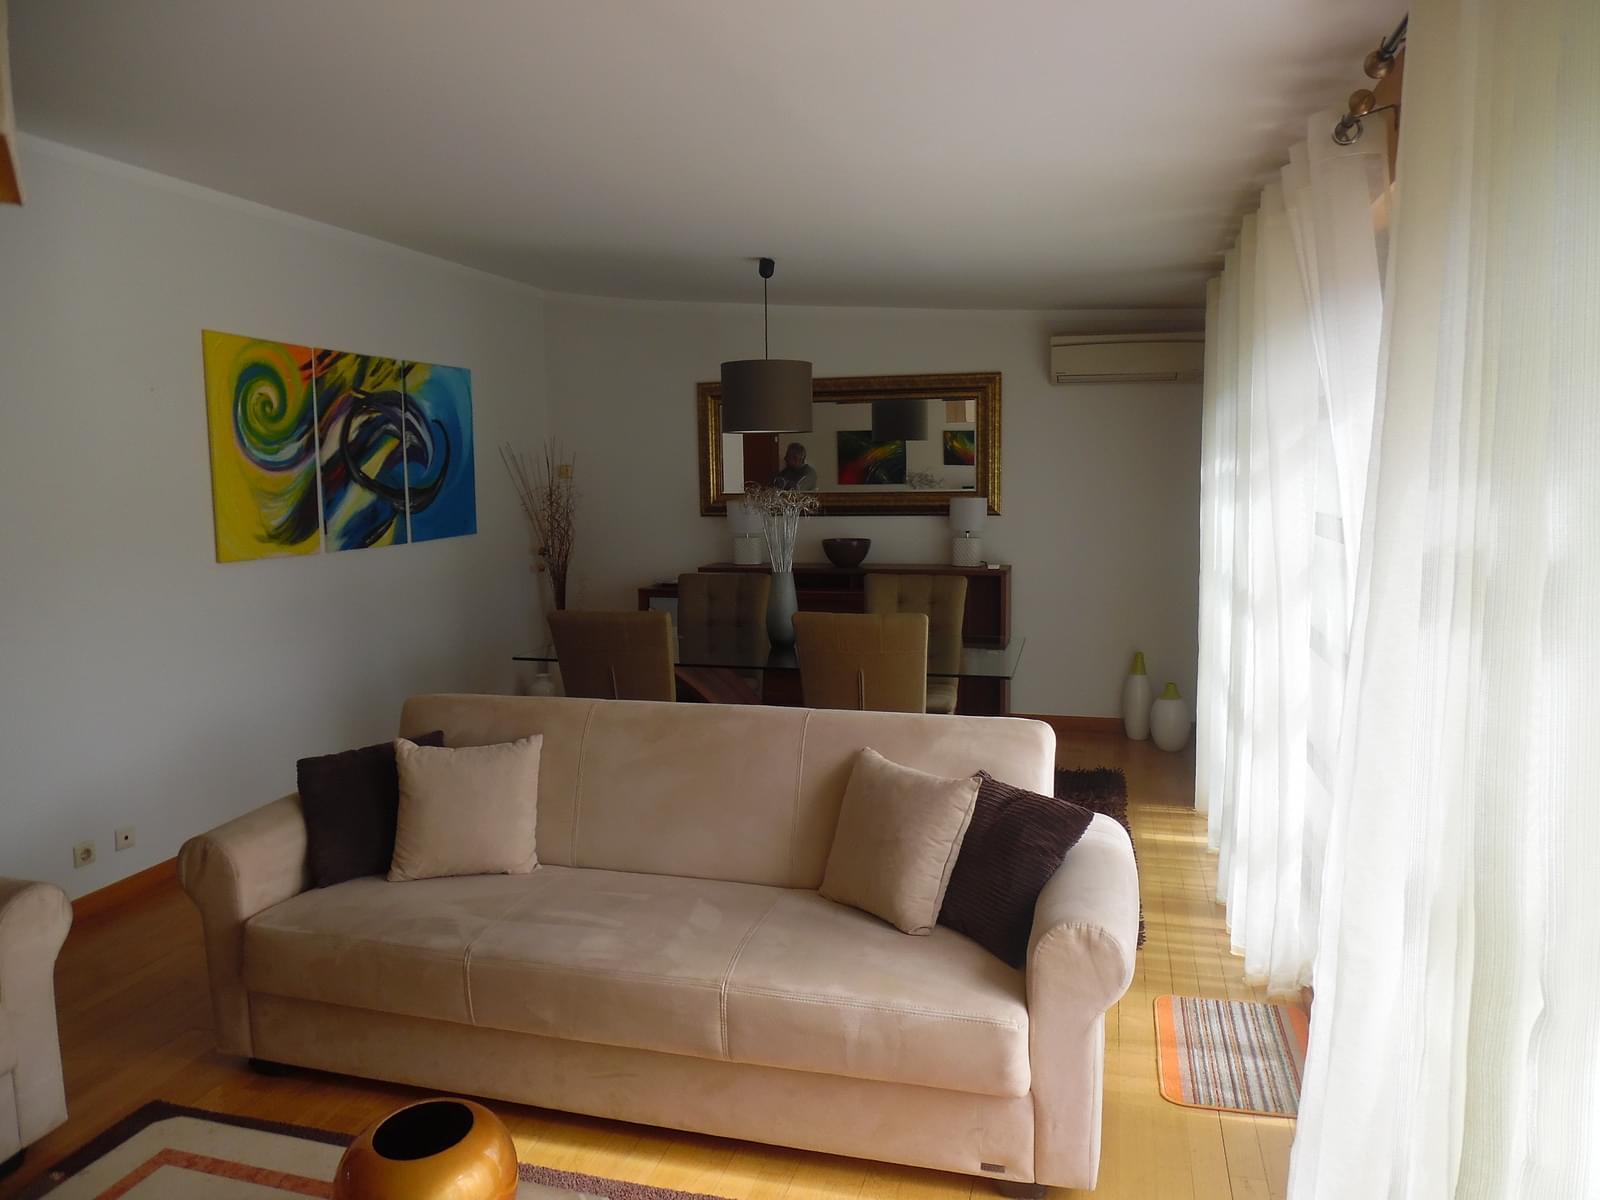 pf18329-apartamento-t1-lisboa-fc9fdd9c-0b68-49af-b6e8-53ced8d5d1bf